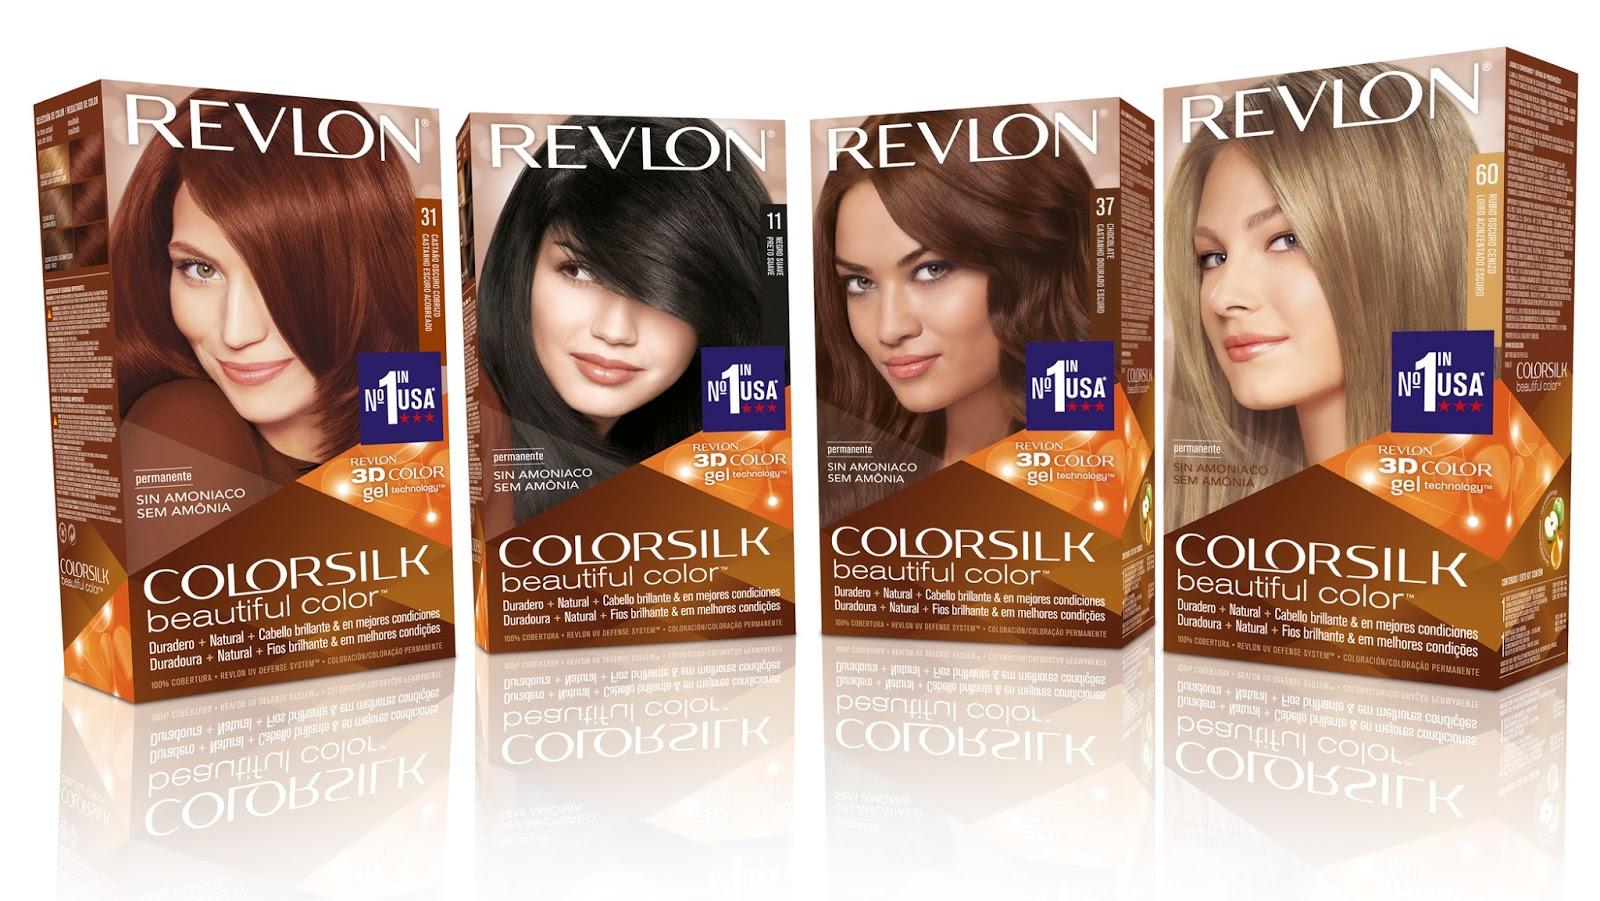 Baño De Color Chocolate | Cambio De Look Con Colorsilk De Revlon Tus Secretos De Belleza